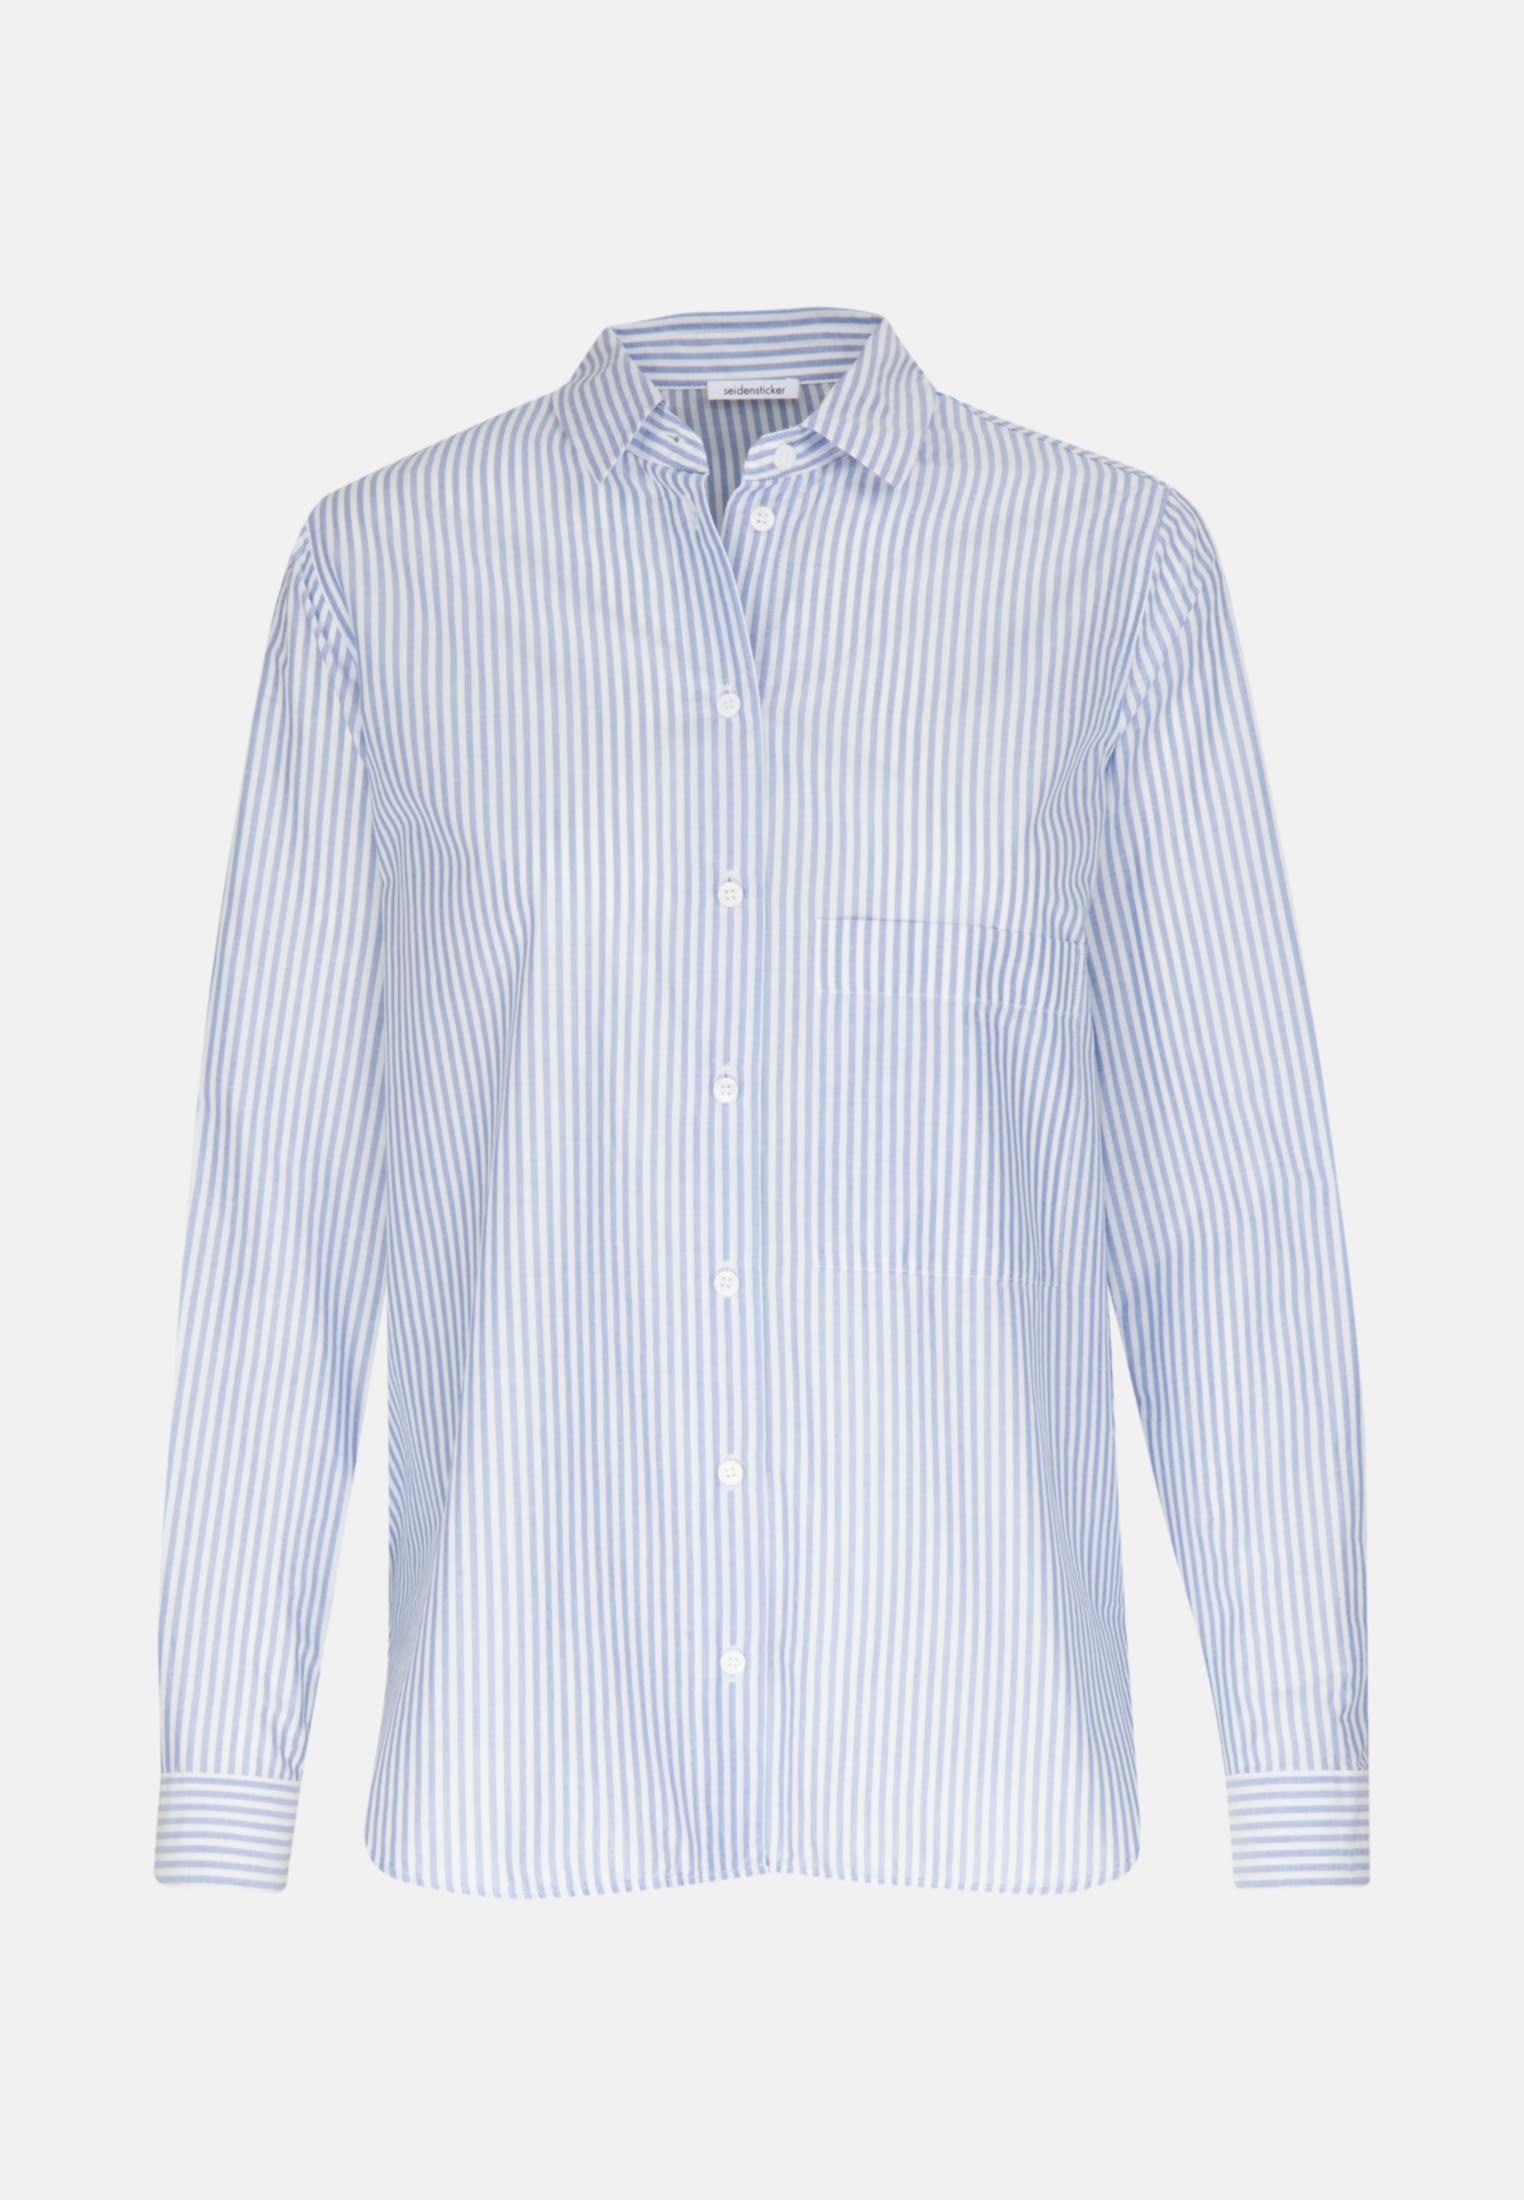 Voile Shirt Blouse made of 100% Cotton in Medium blue |  Seidensticker Onlineshop